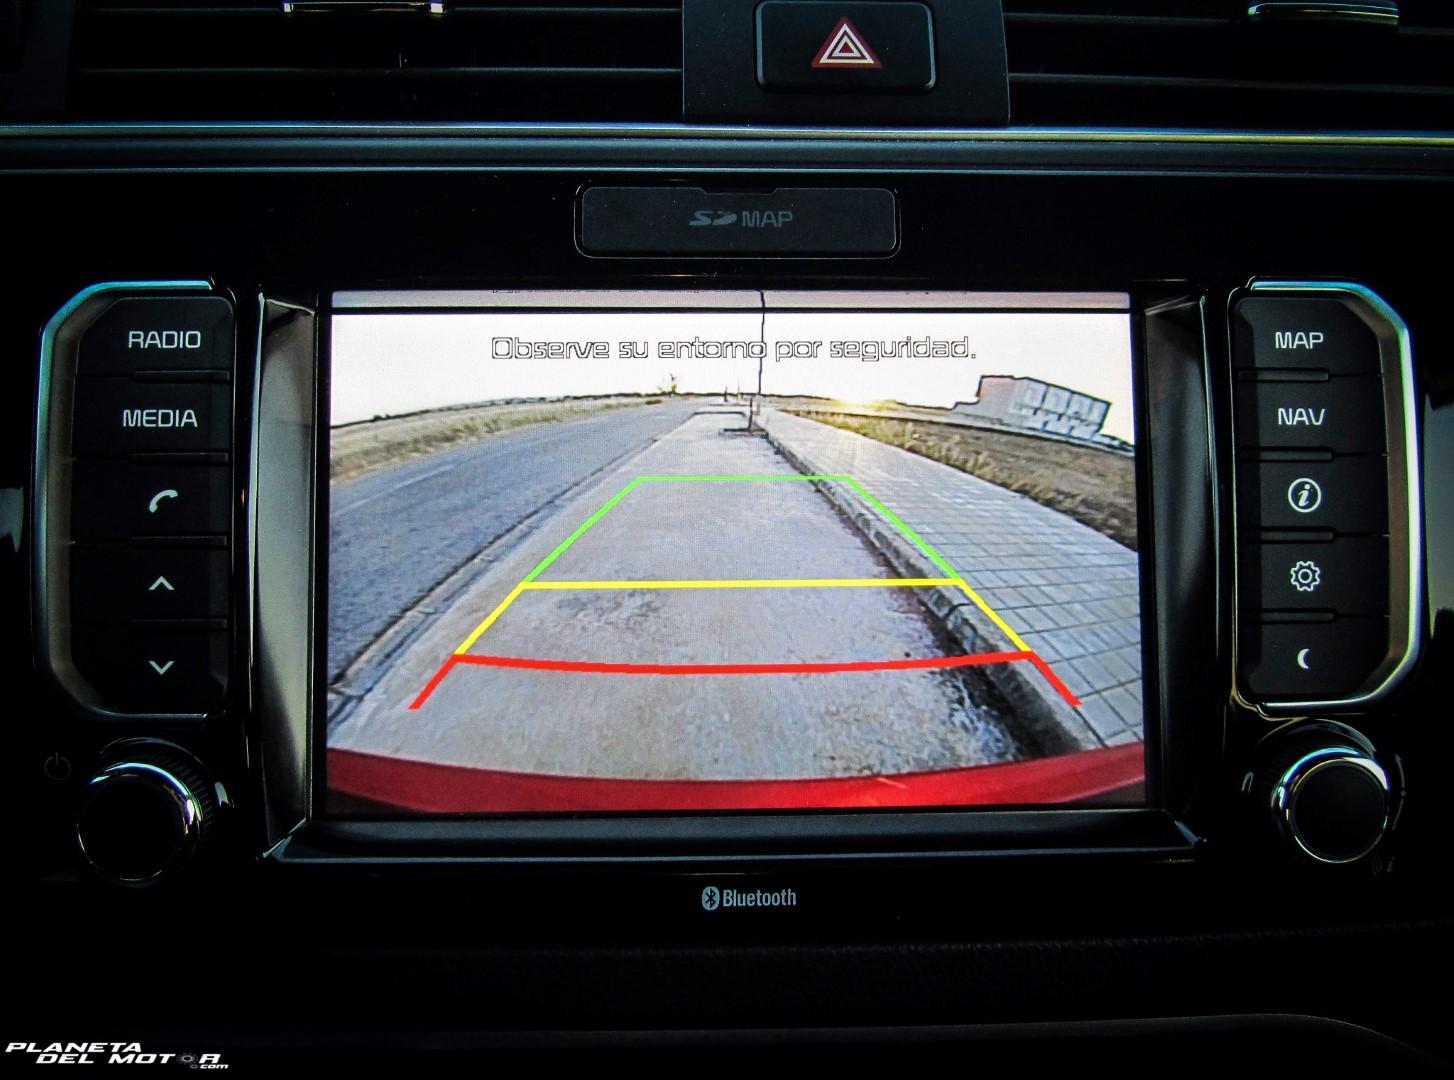 KIA Rio 1.2 CVVT 5 puertas_detalle pantalla cámara trasera